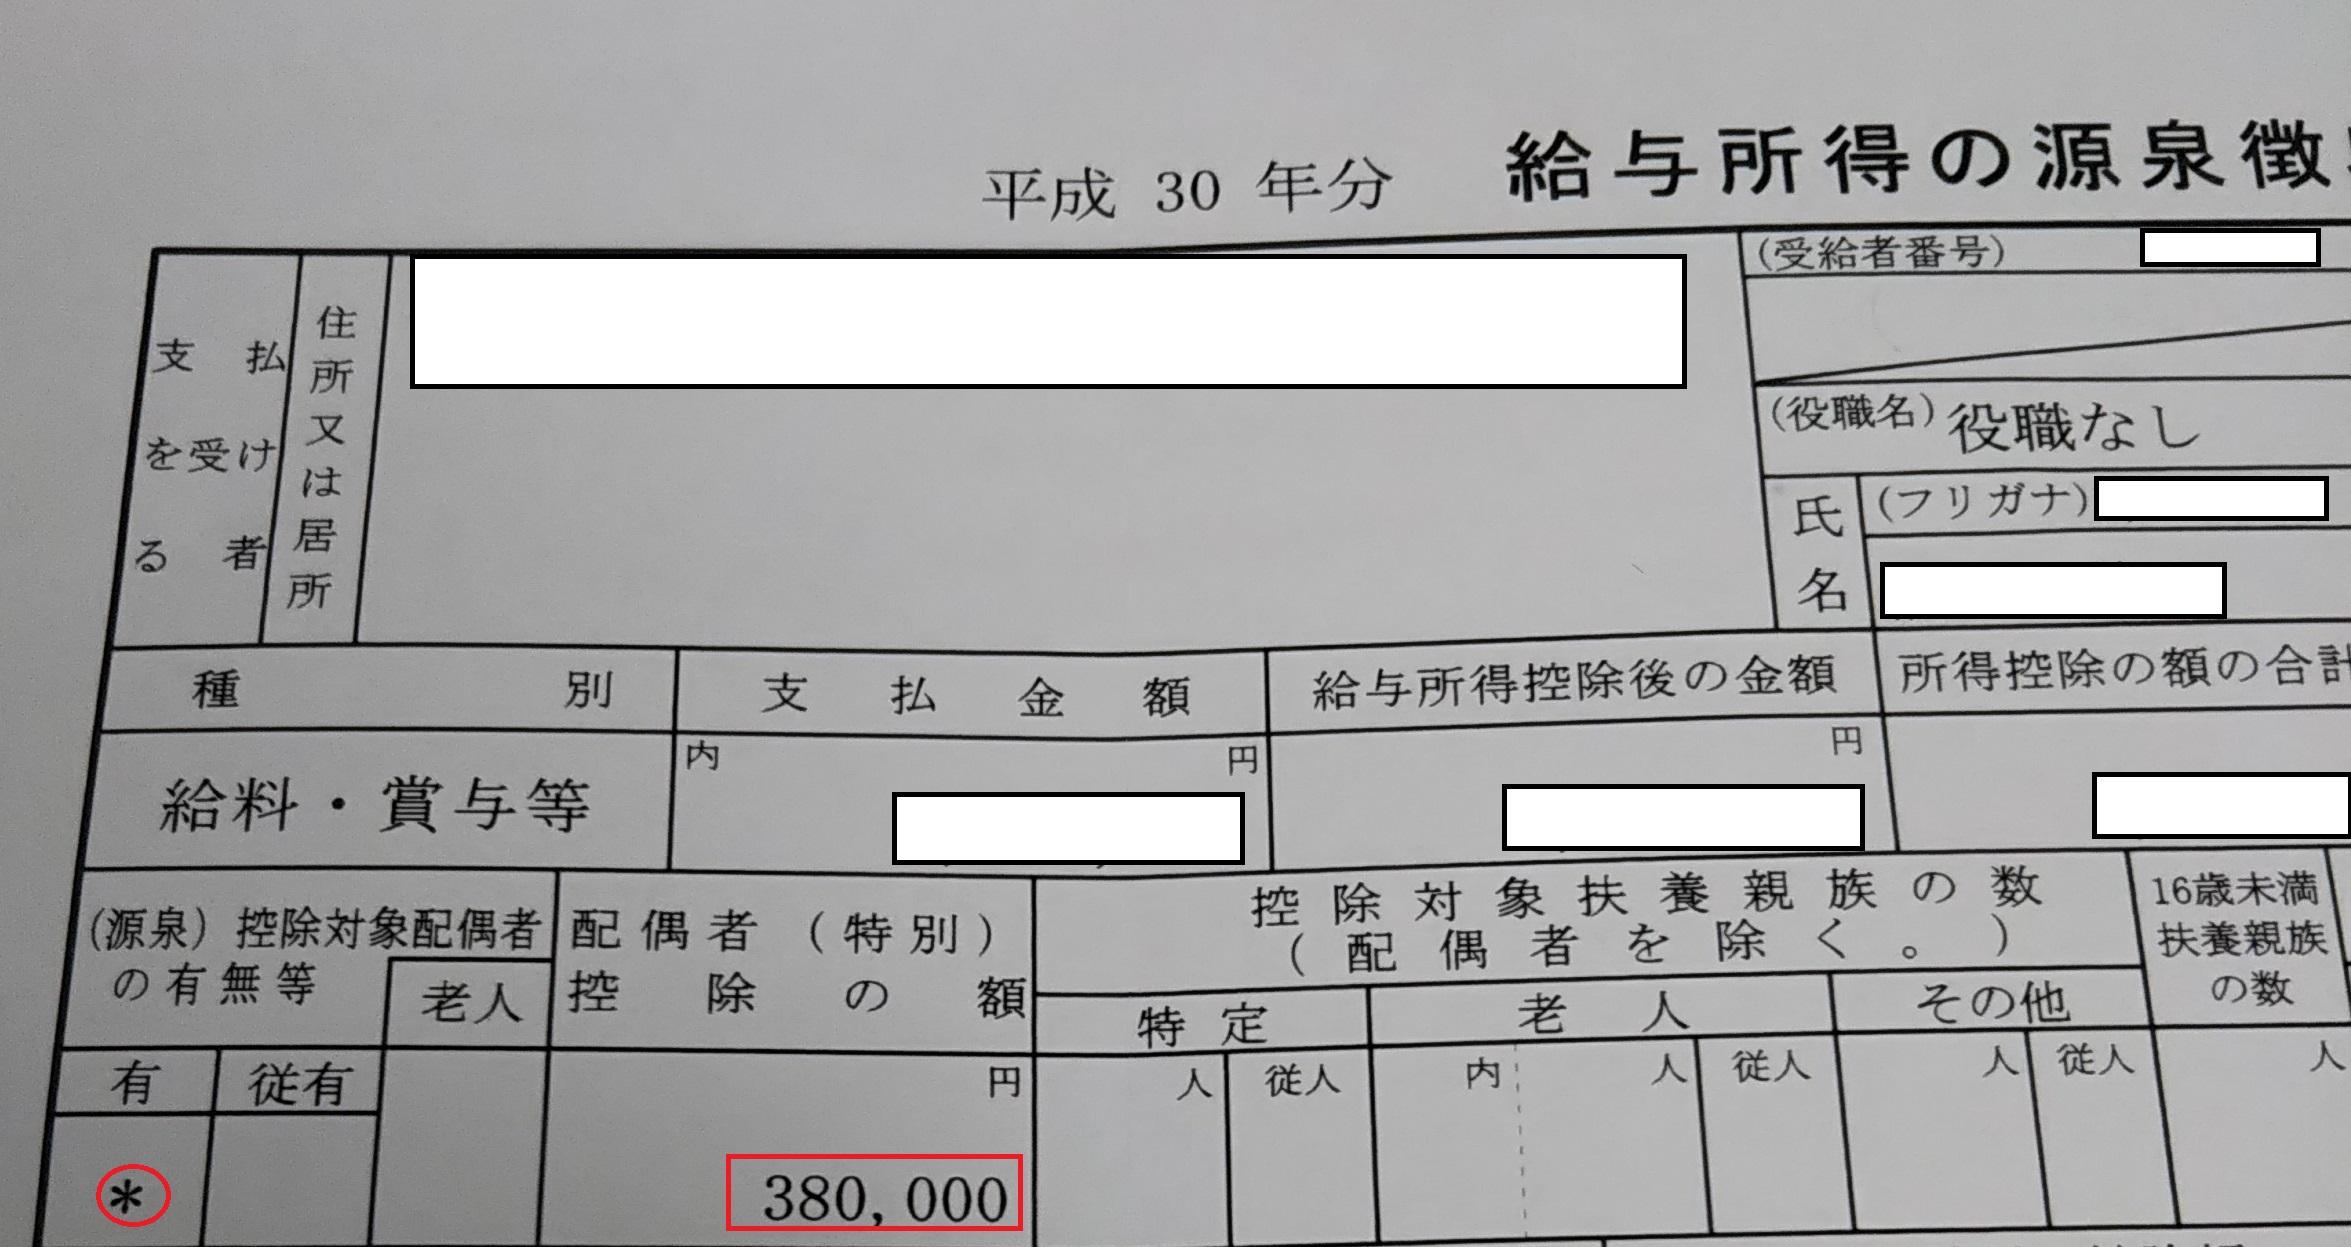 配偶 者 控除 と は No.1195 配偶者特別控除|国税庁